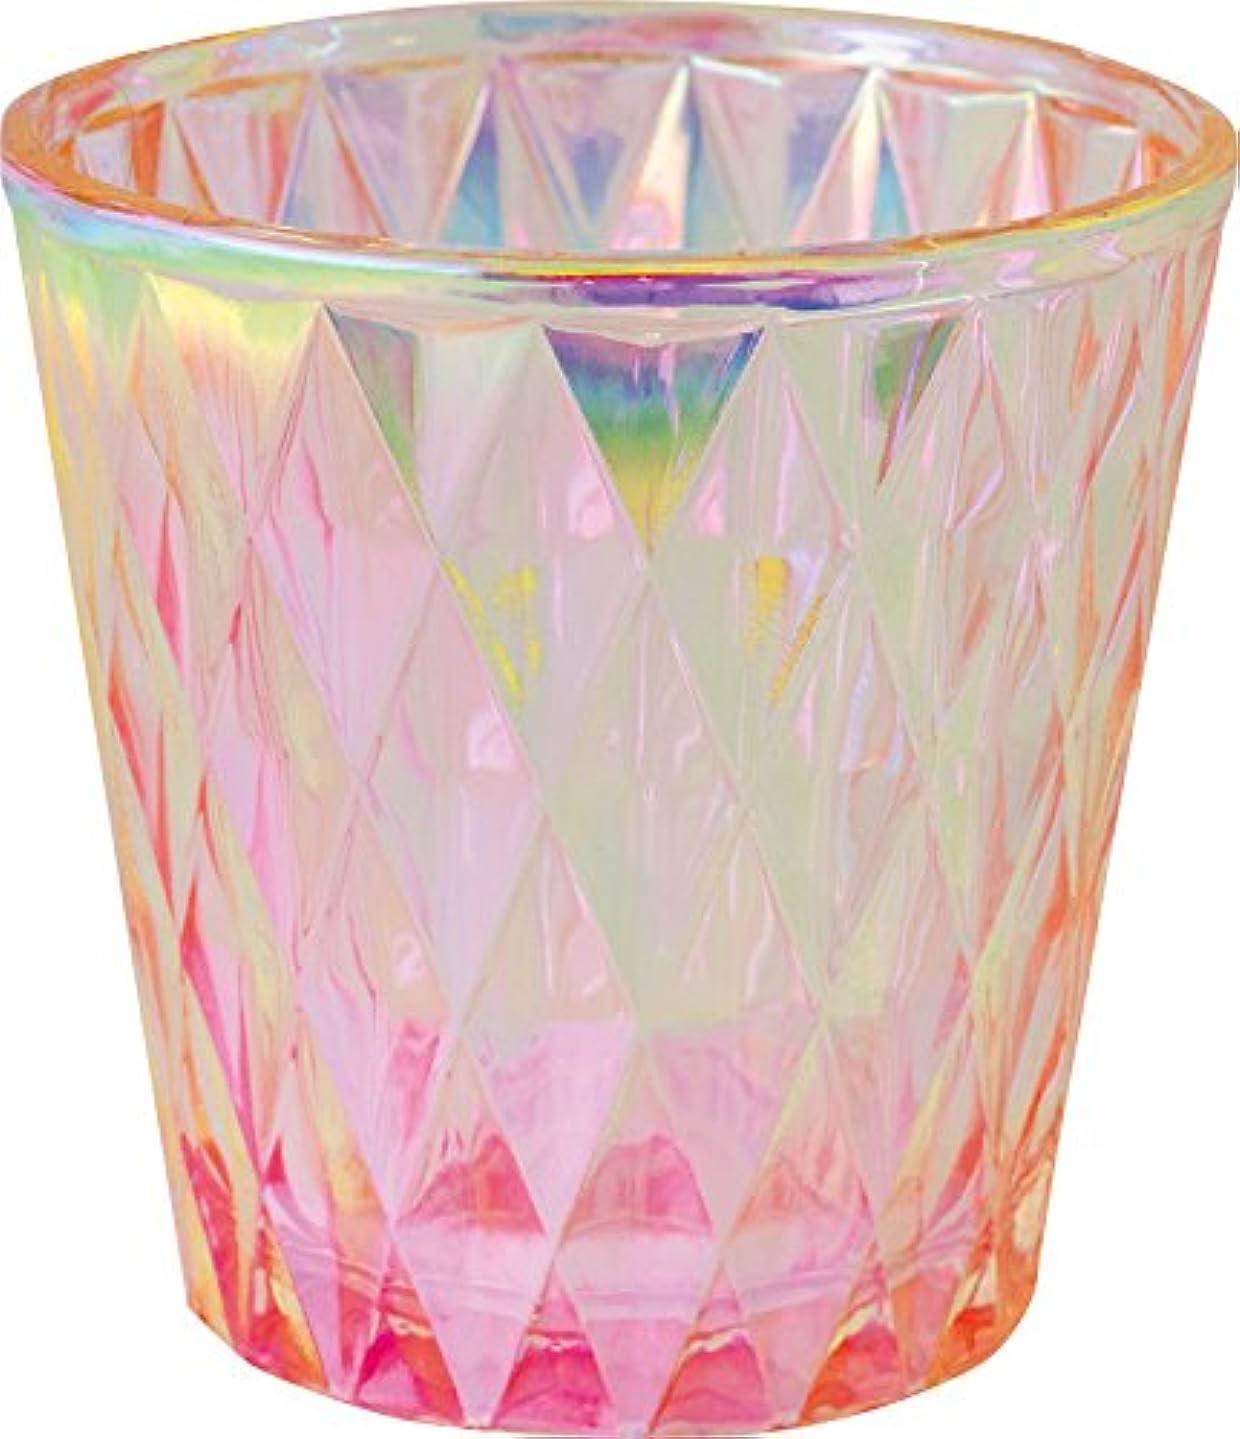 突き出すパラメータポルノカメヤマキャンドルハウス オーロラダイヤグラス キャンドルフォルダー ピンク